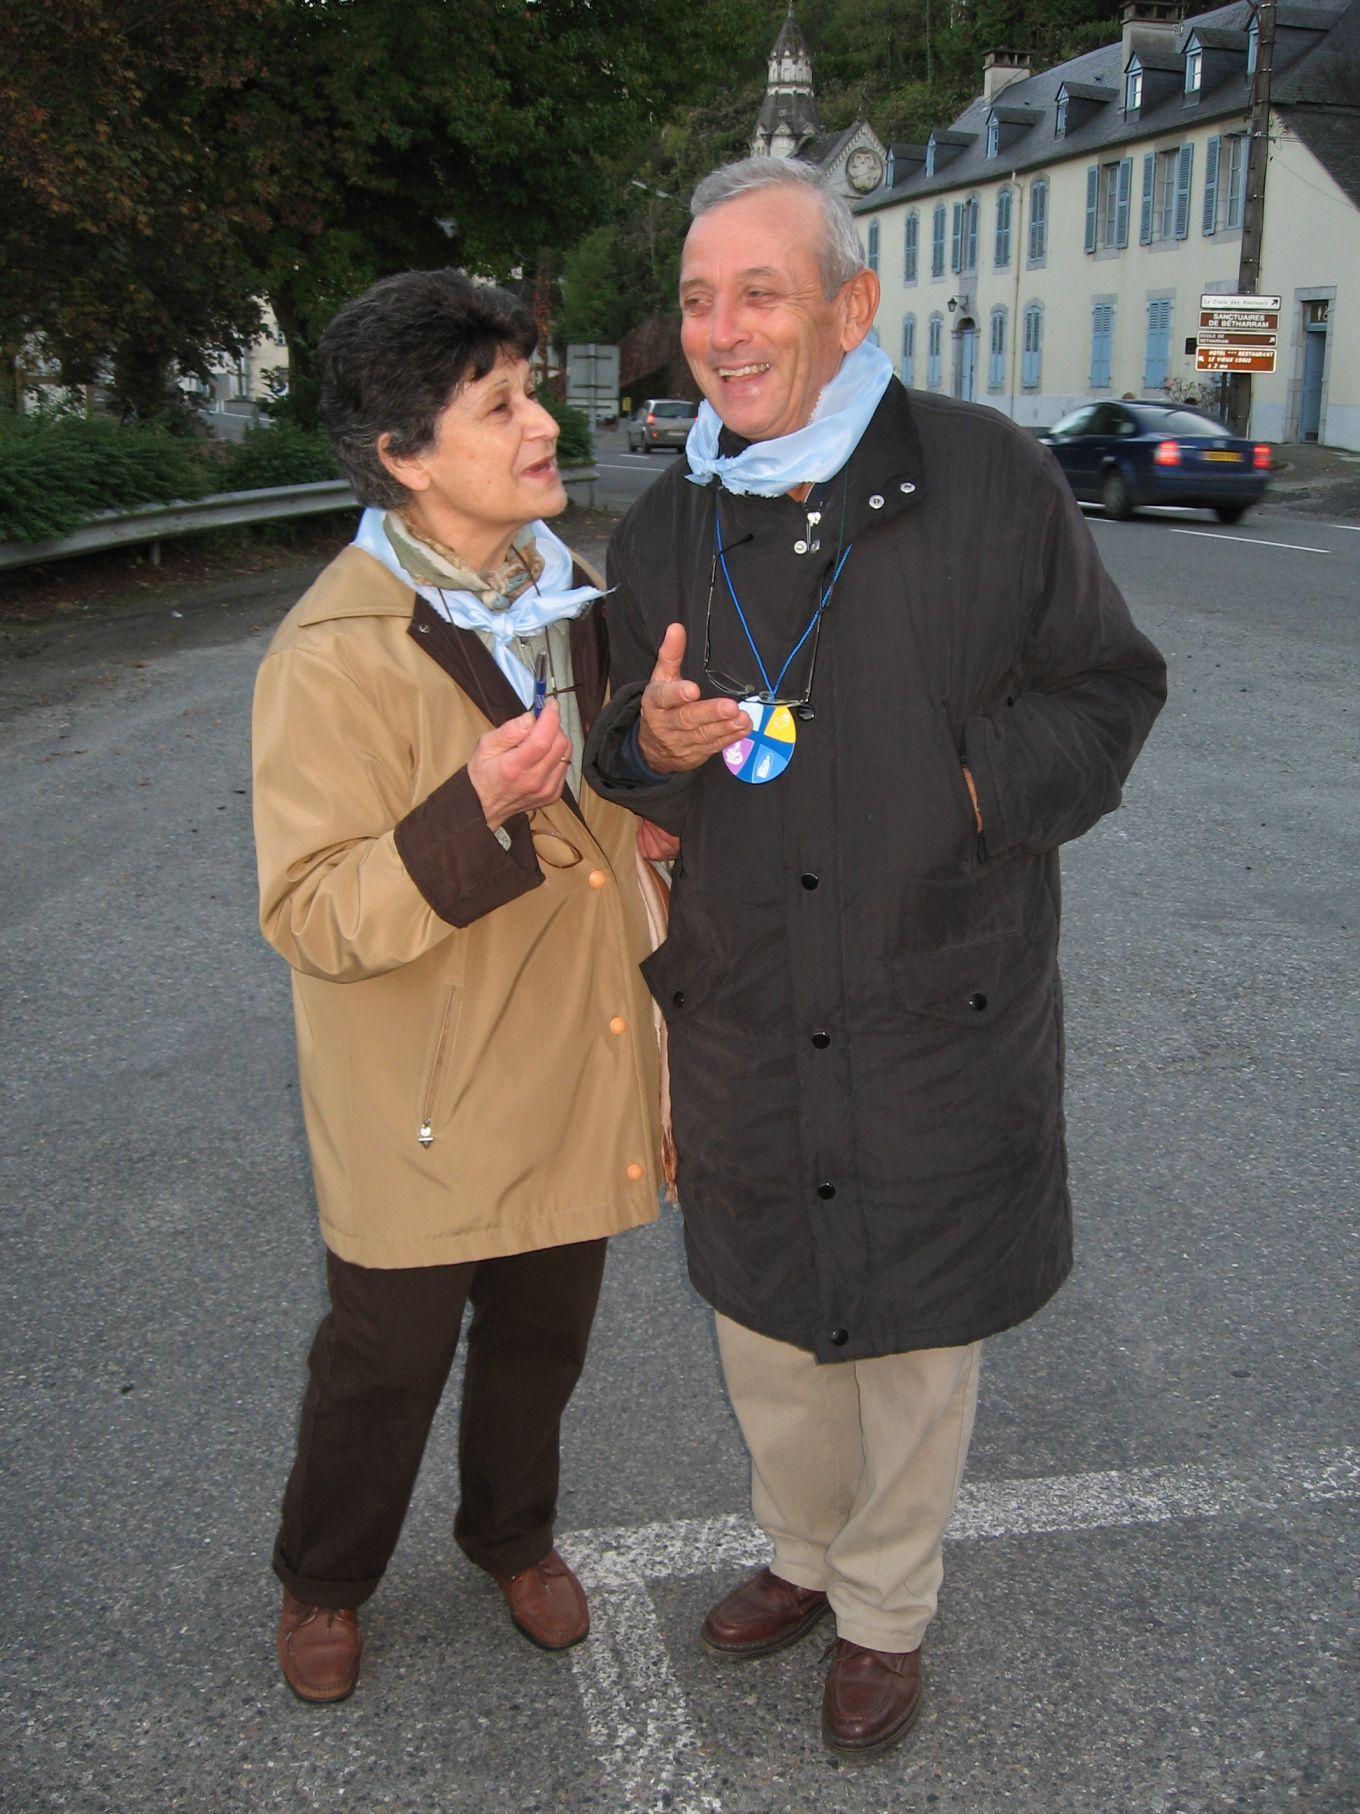 Lourdes-2008-10-26--18.40.24.jpg